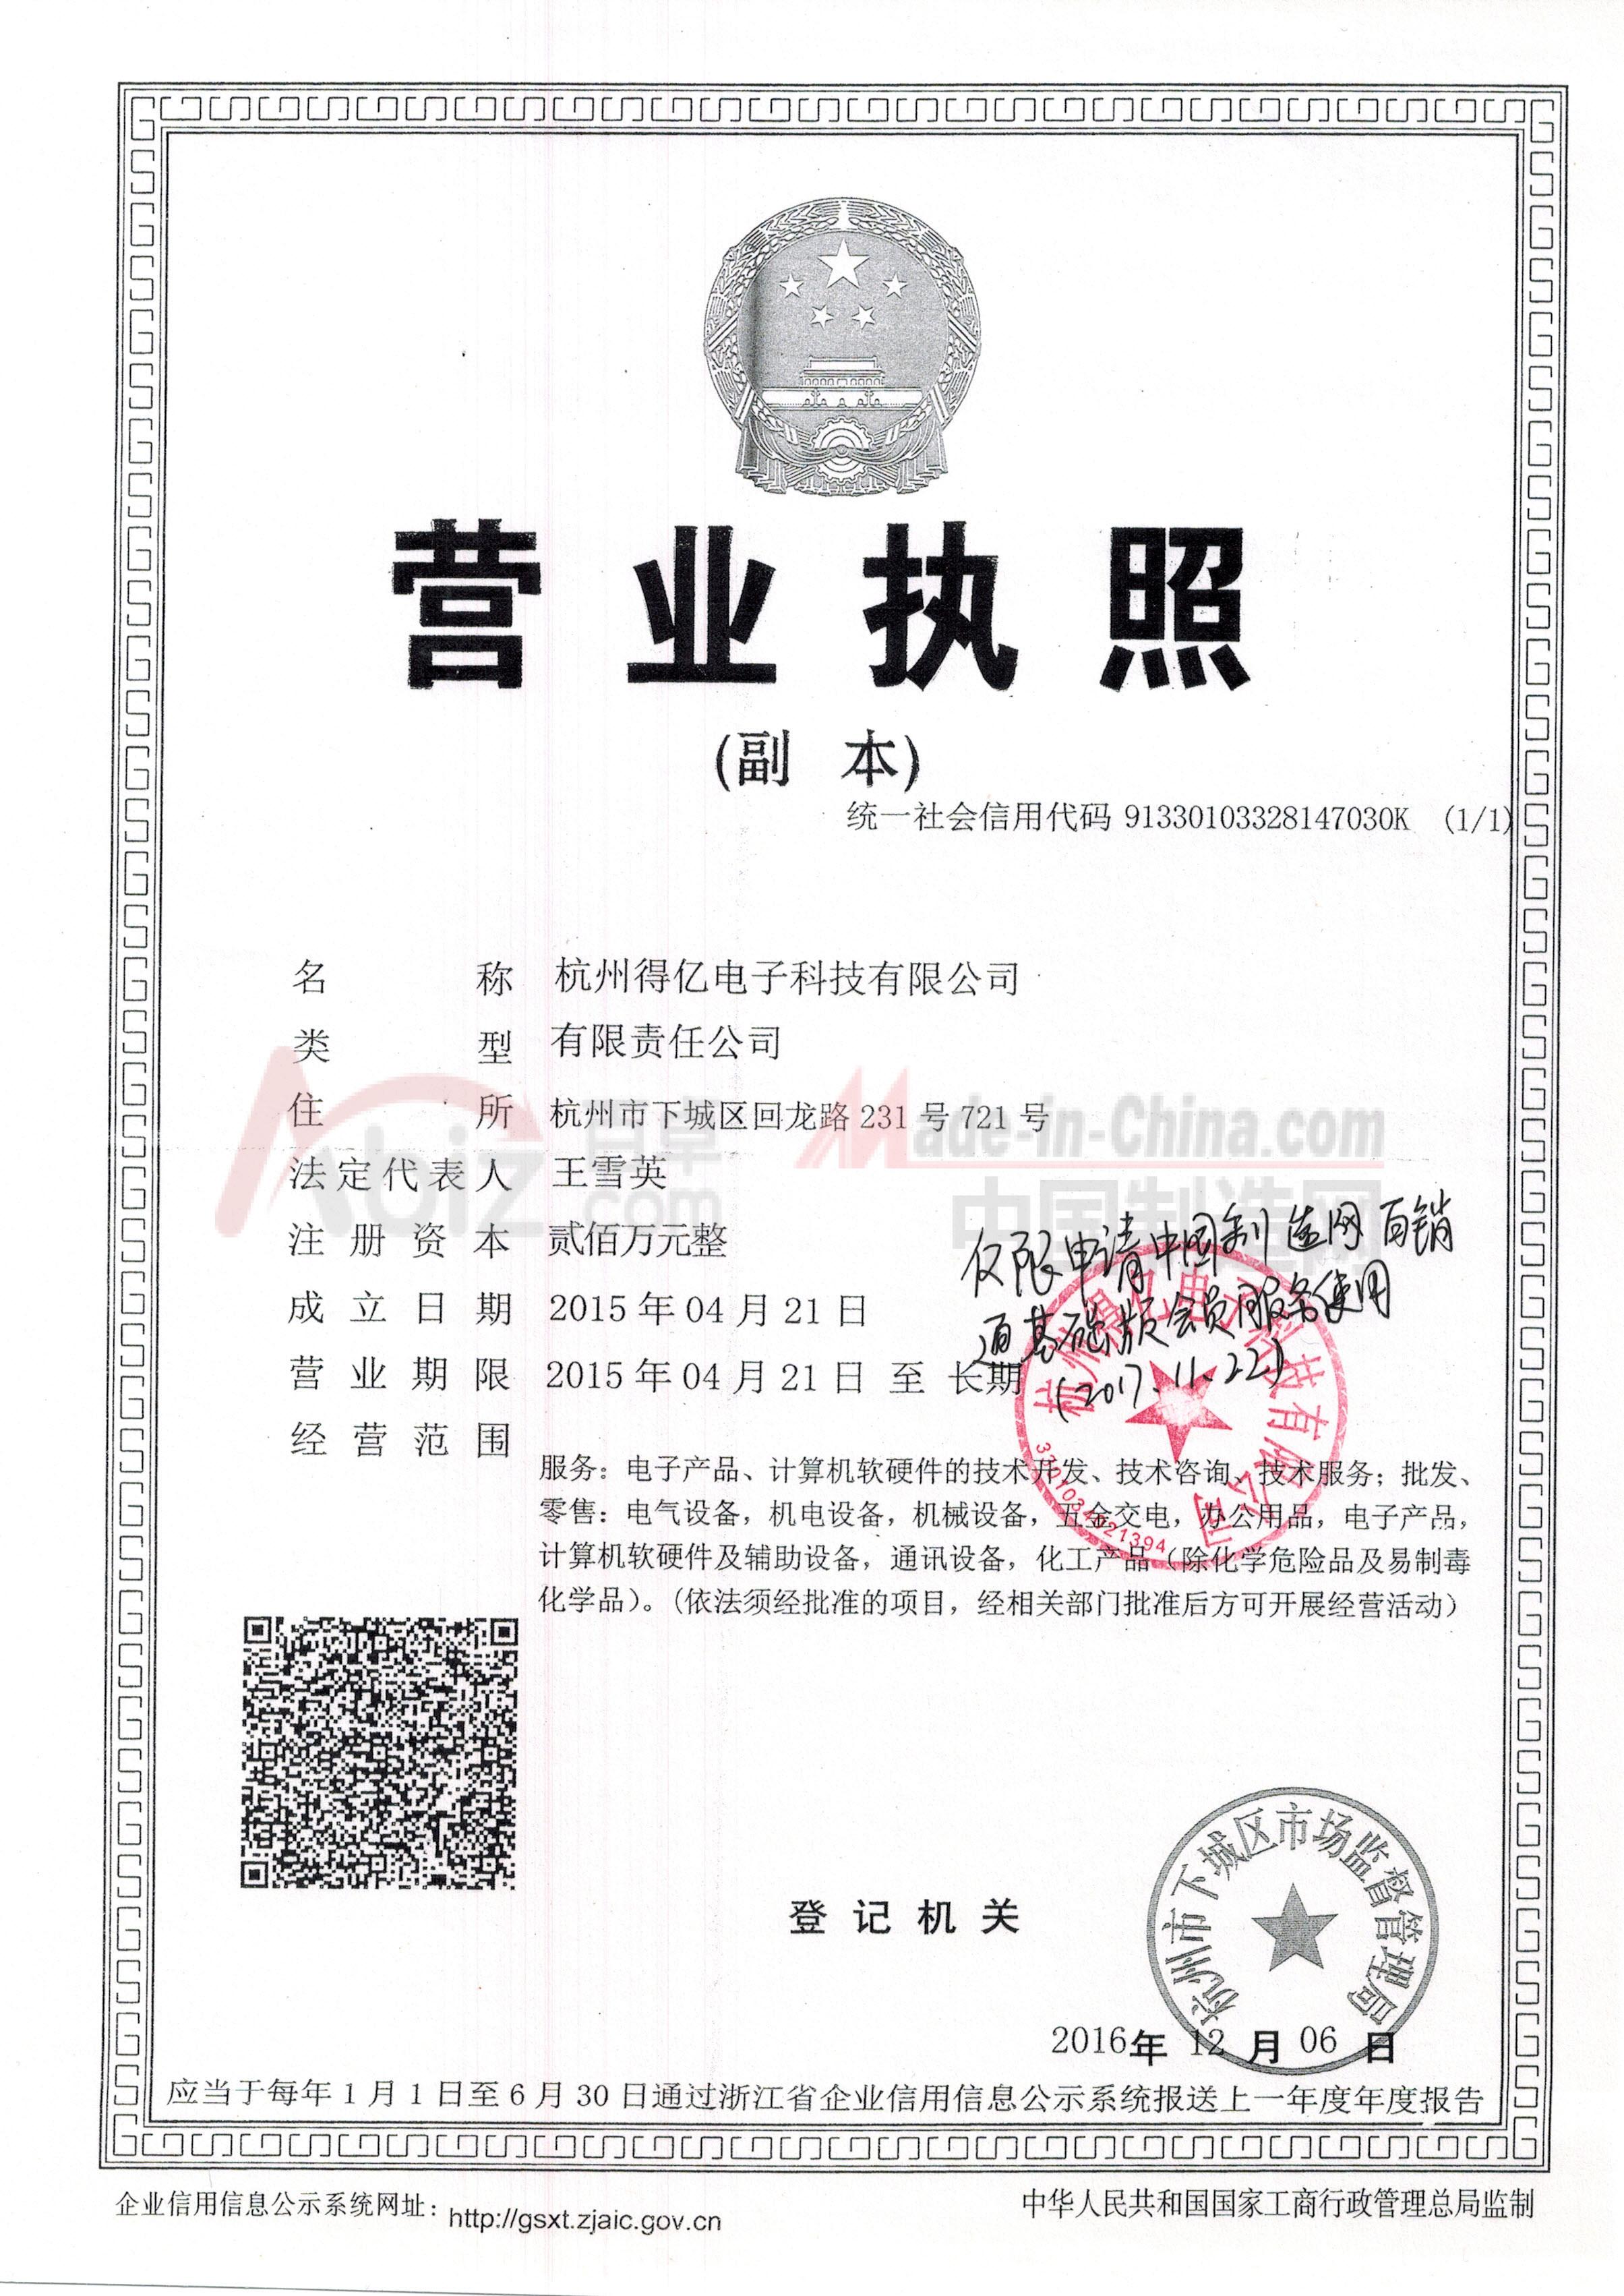 杭州钱塘智慧城(东方电子商务园)